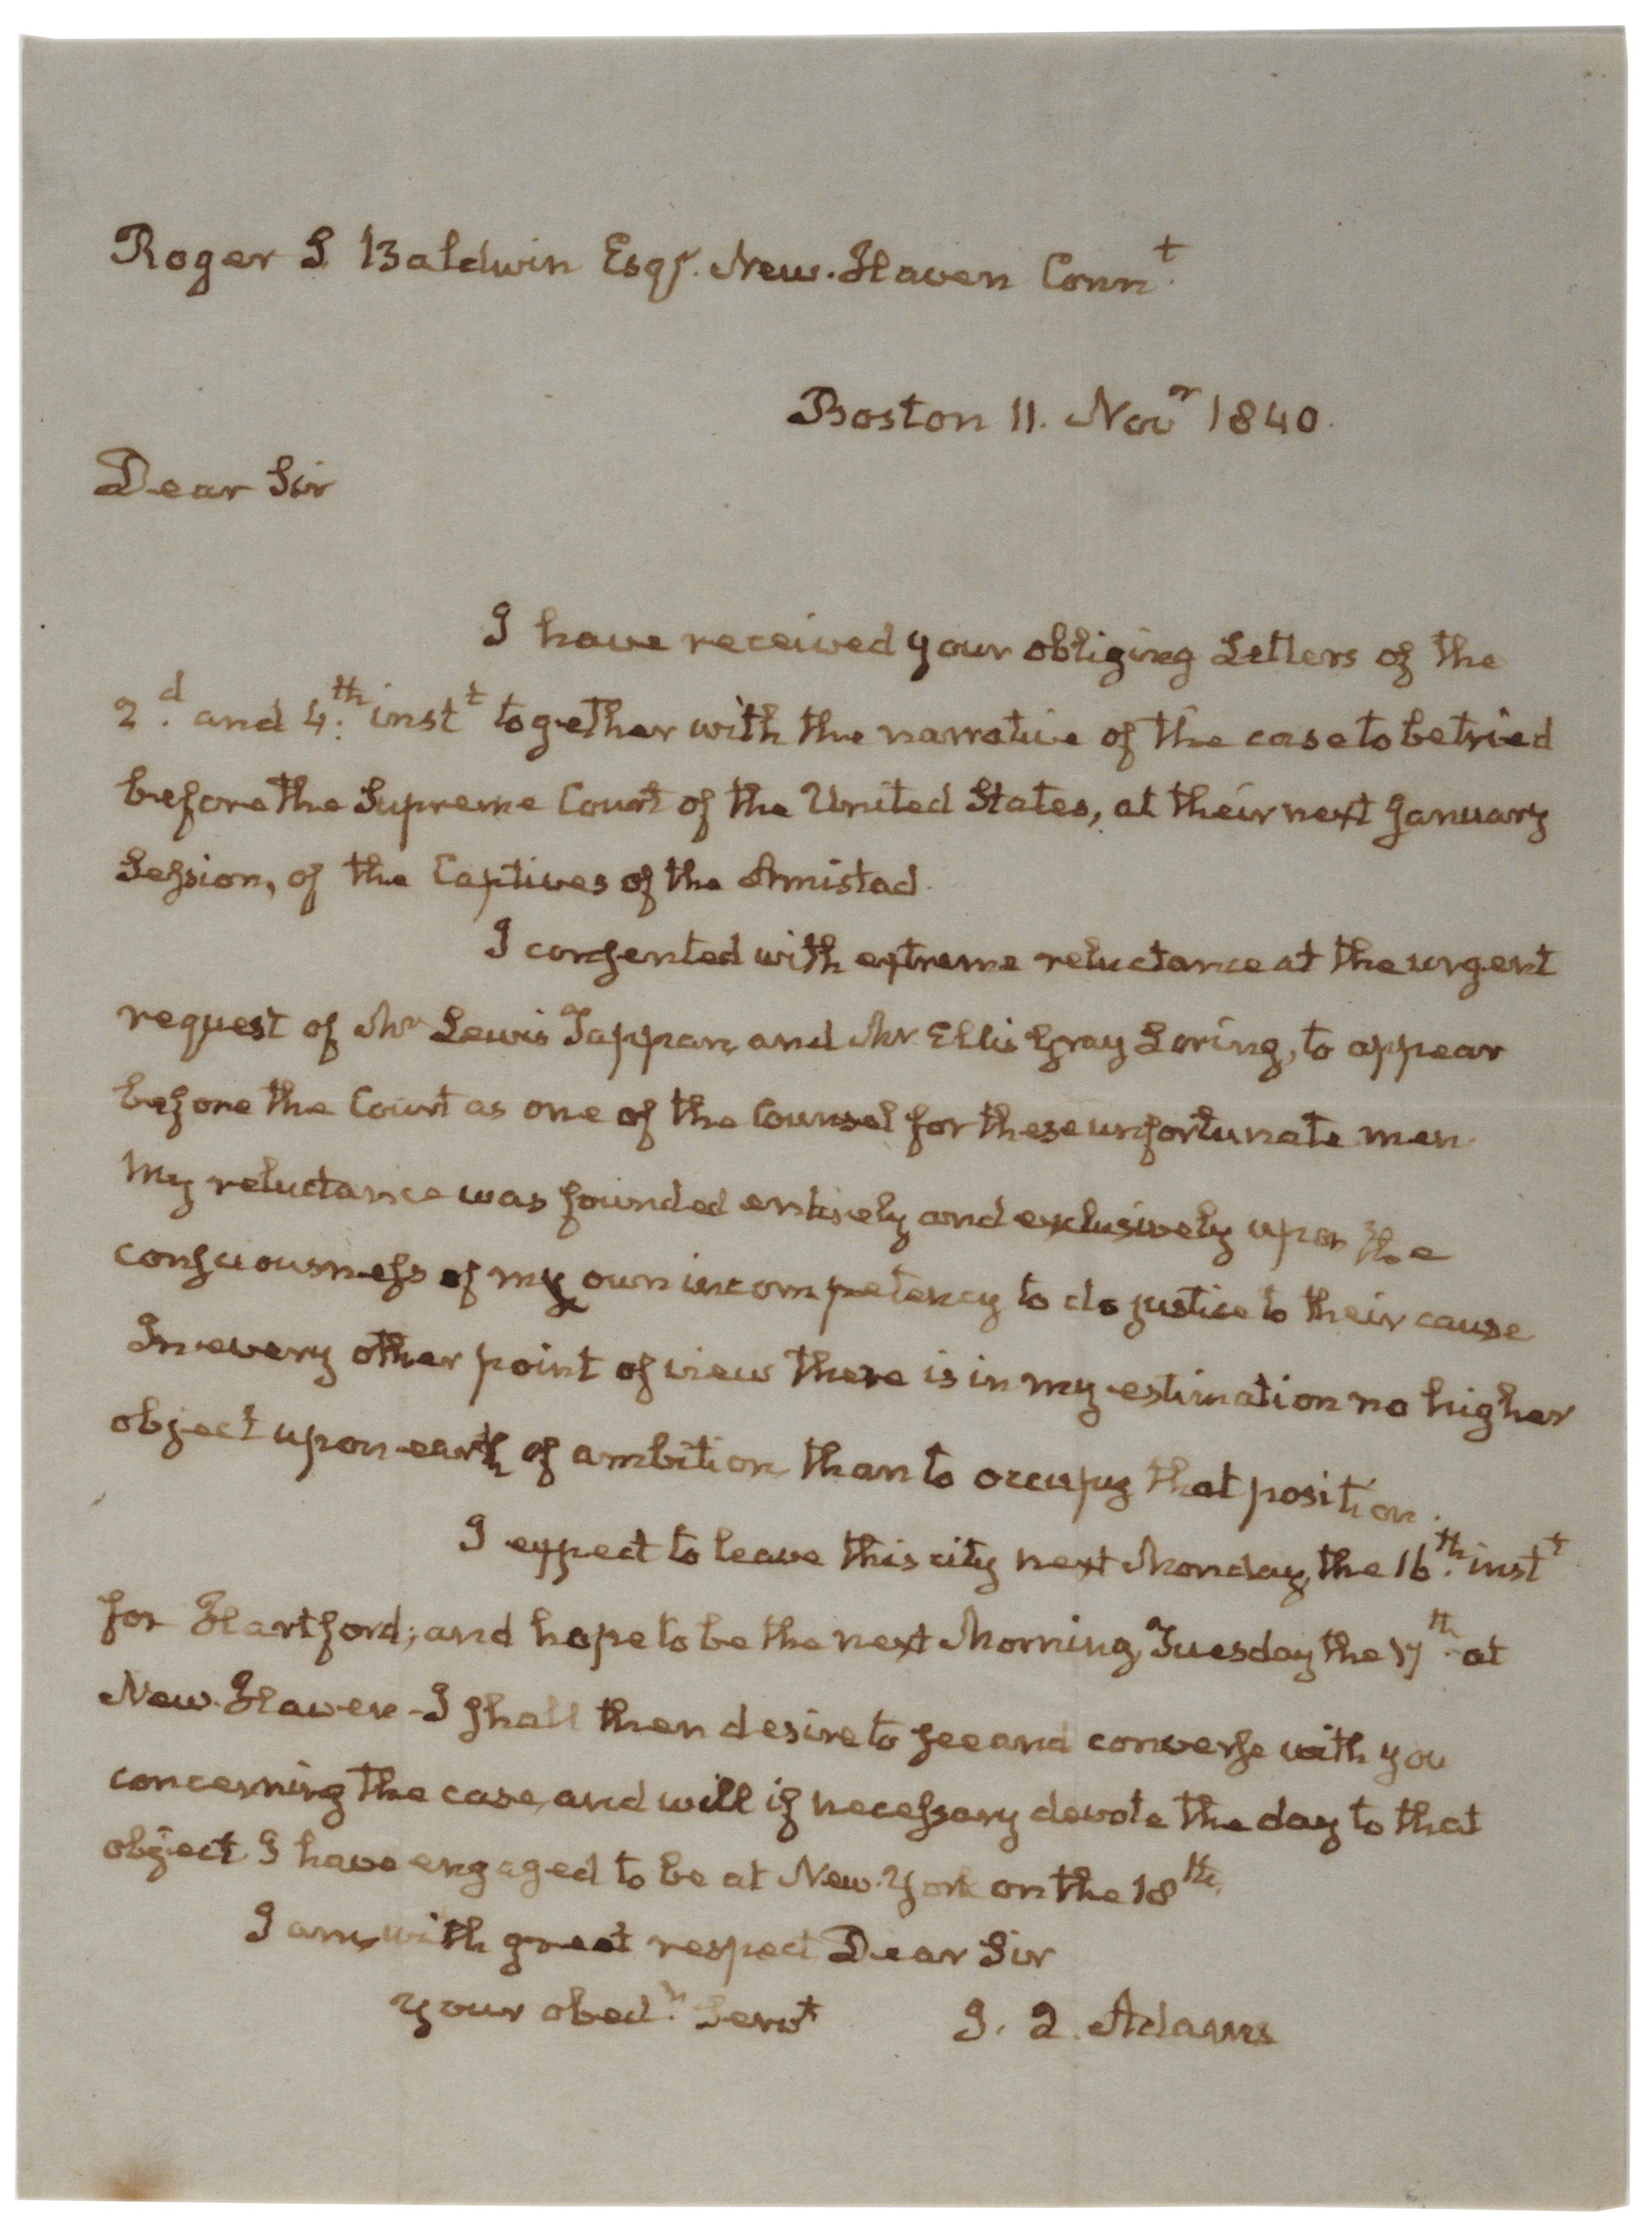 John Quincy Adams to Roger S. Baldwin, November 11, 1840 (Gilder Lehrman Co